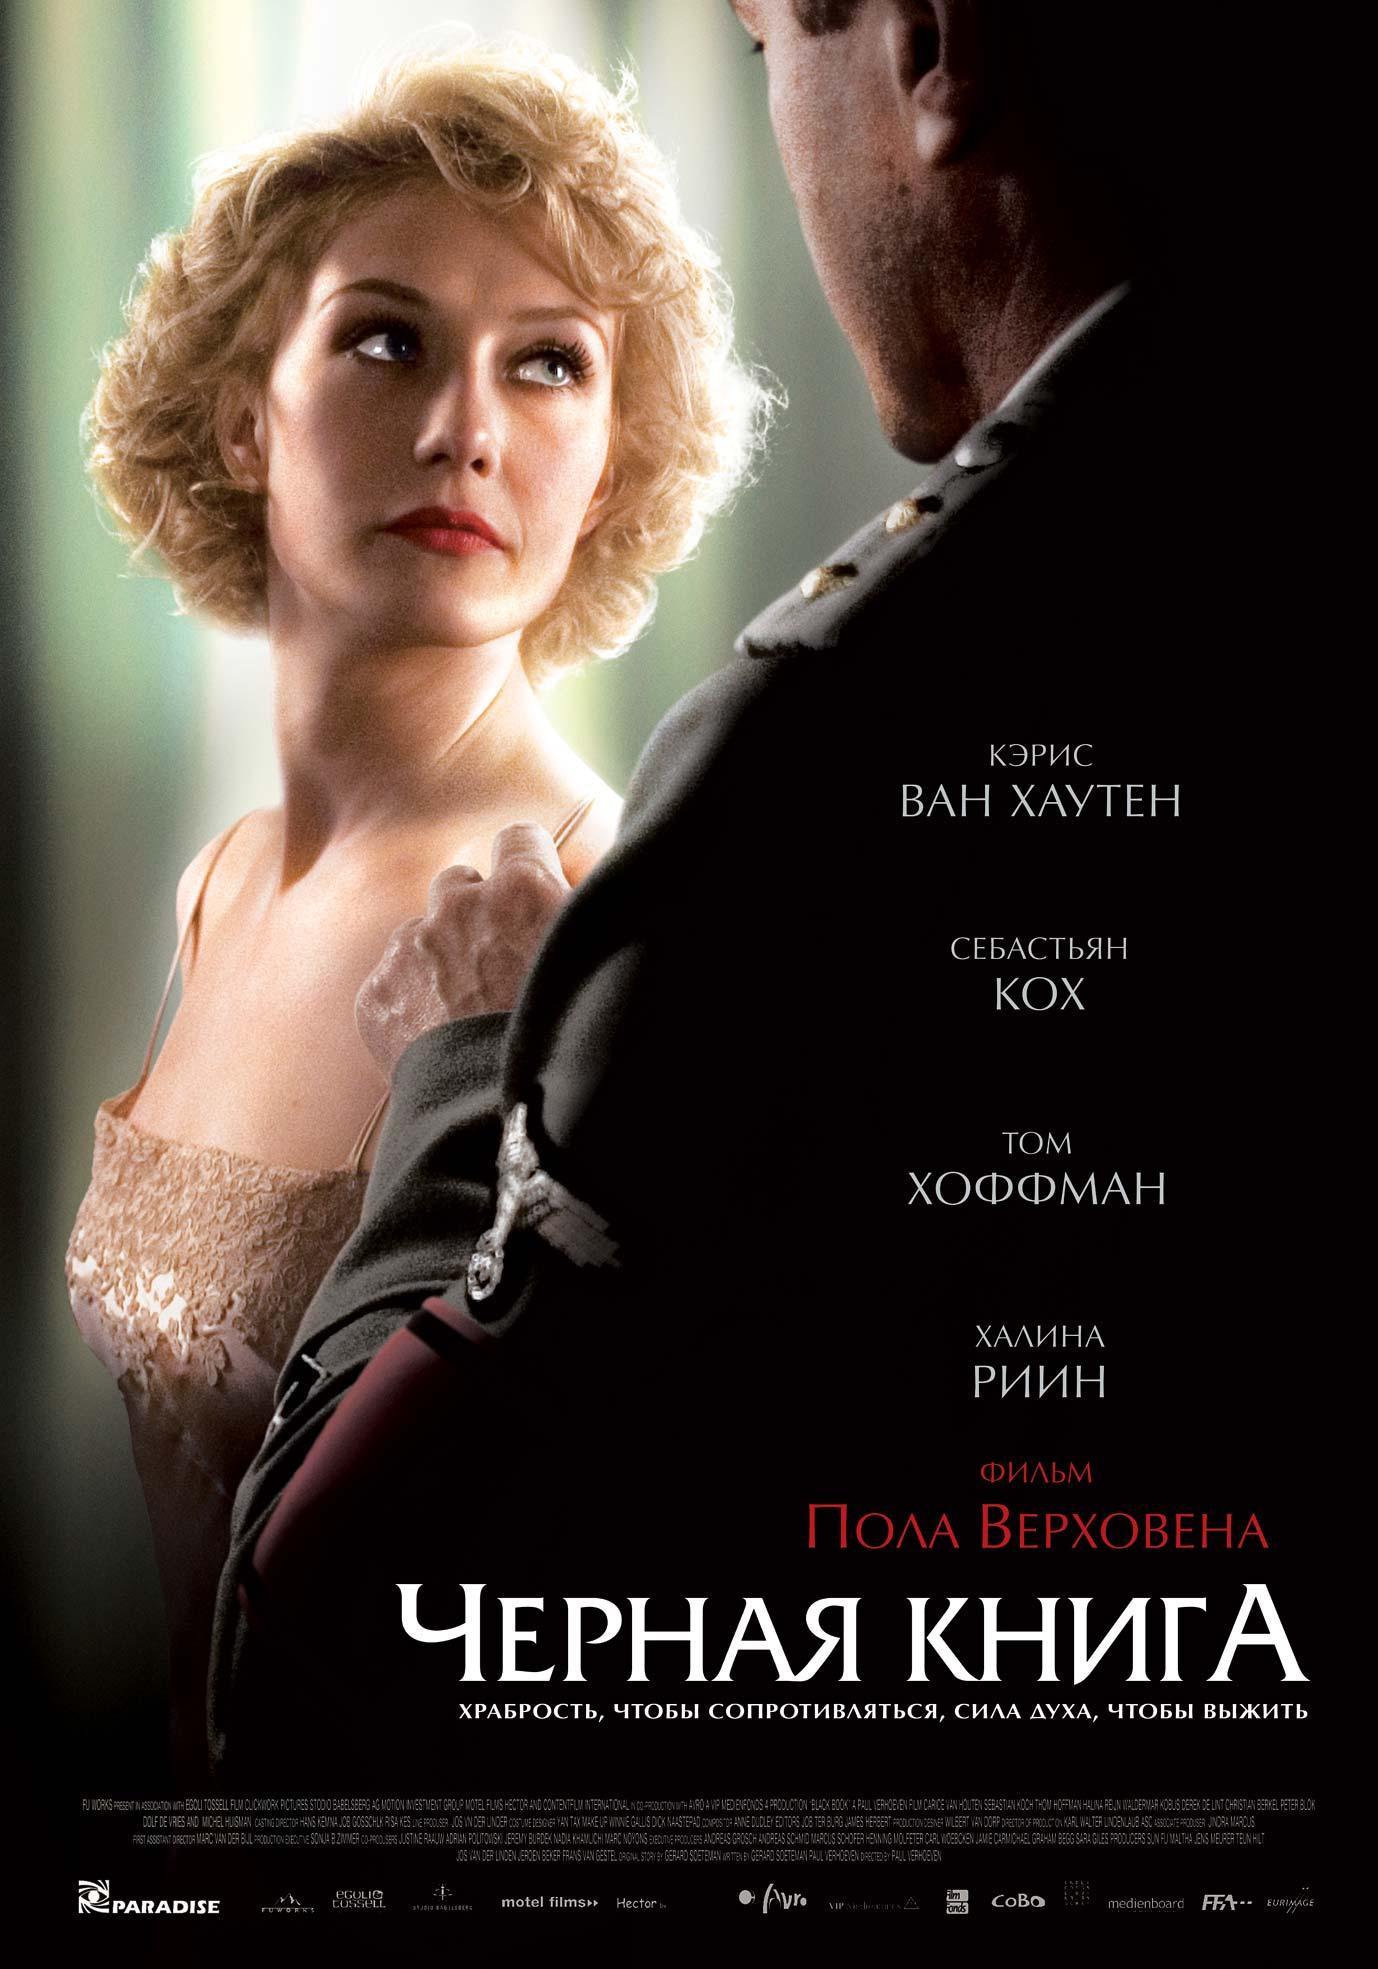 плакат фильма Черная книга